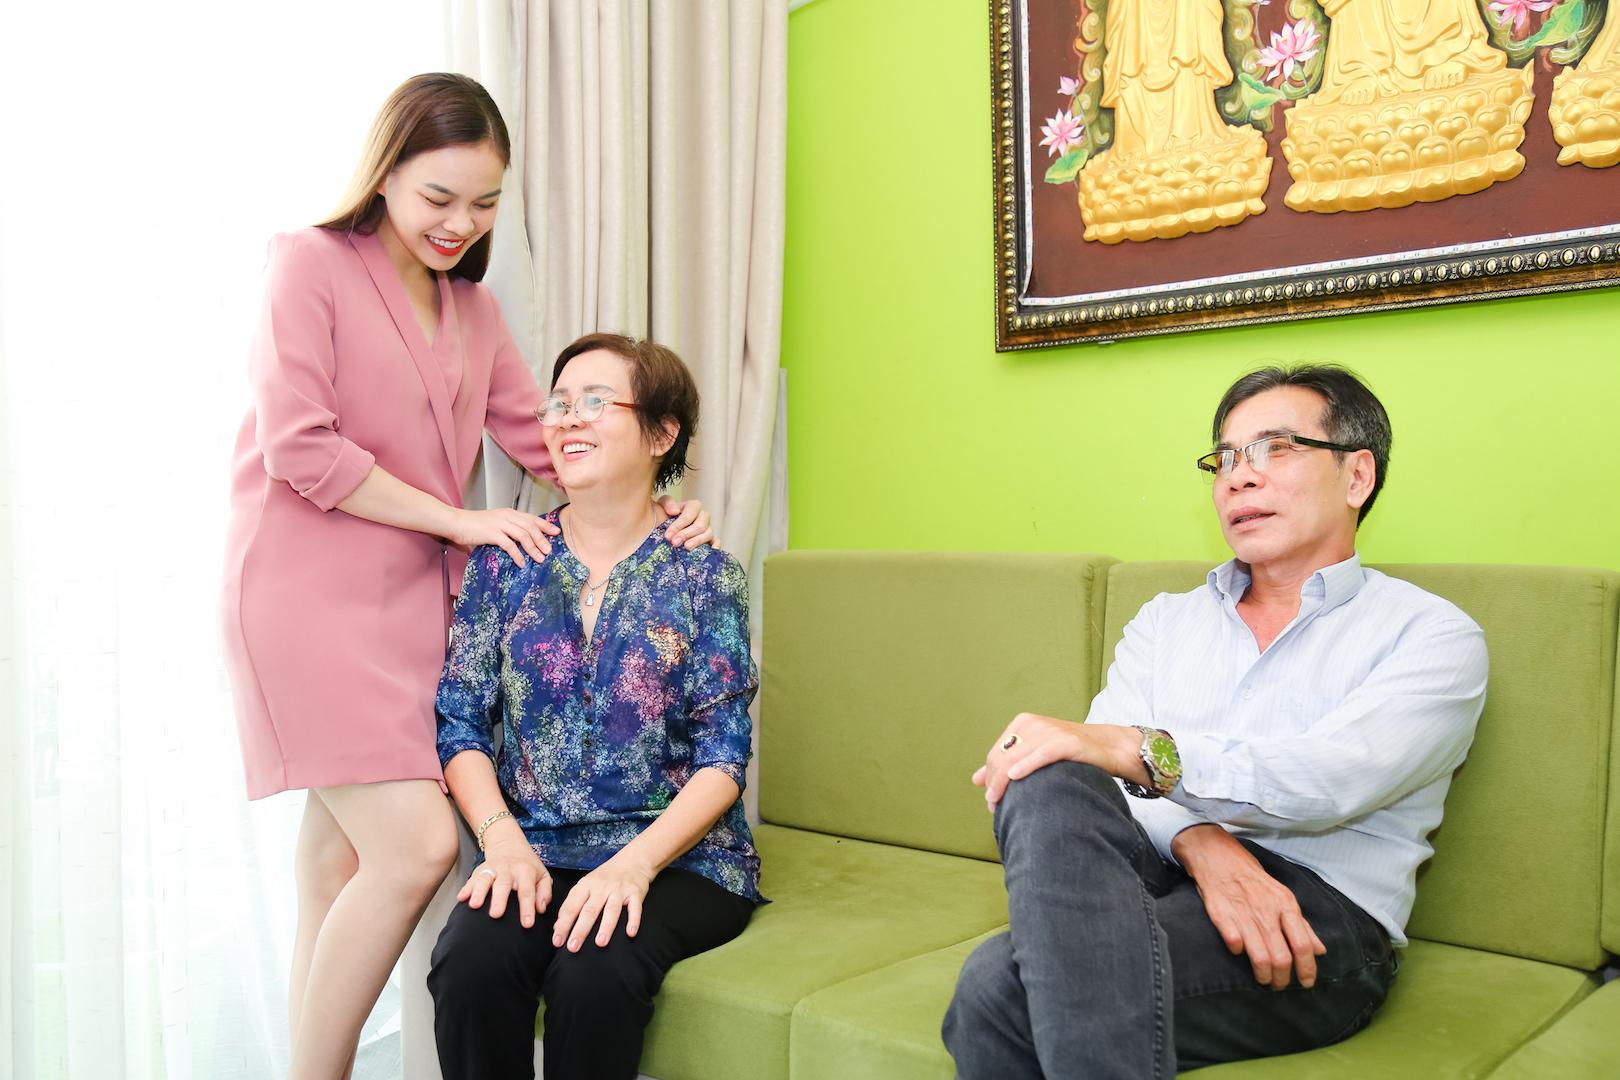 Hình ảnh Quá cần tiền, Giang Hồng Ngọc buộc phải bán nhà số 3